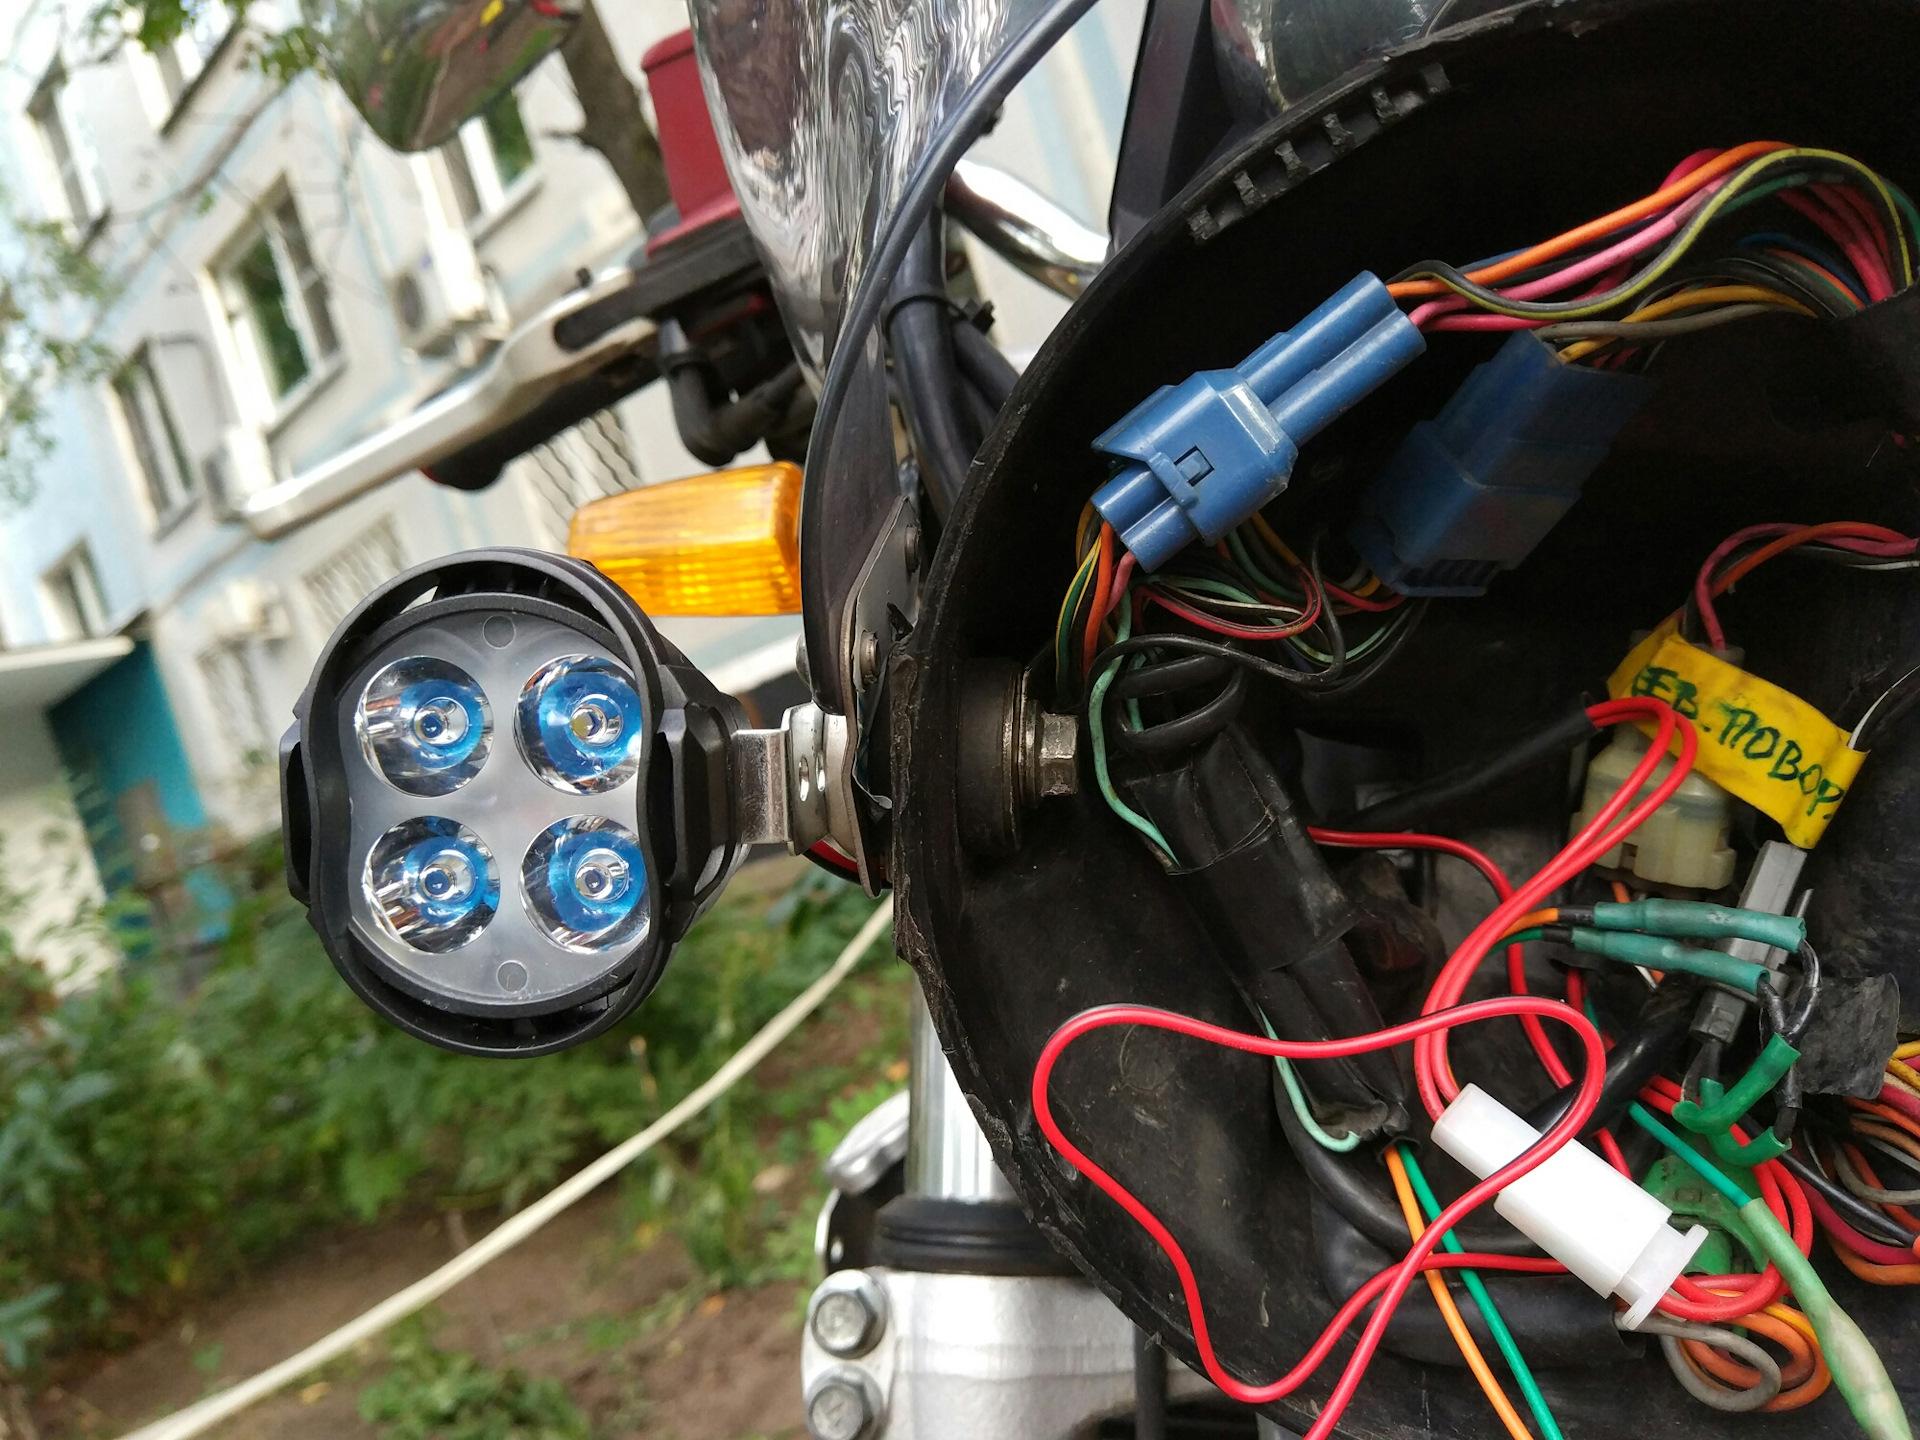 Ксенон на скутере — подробная инструкция по установке, преимущества и недостатки